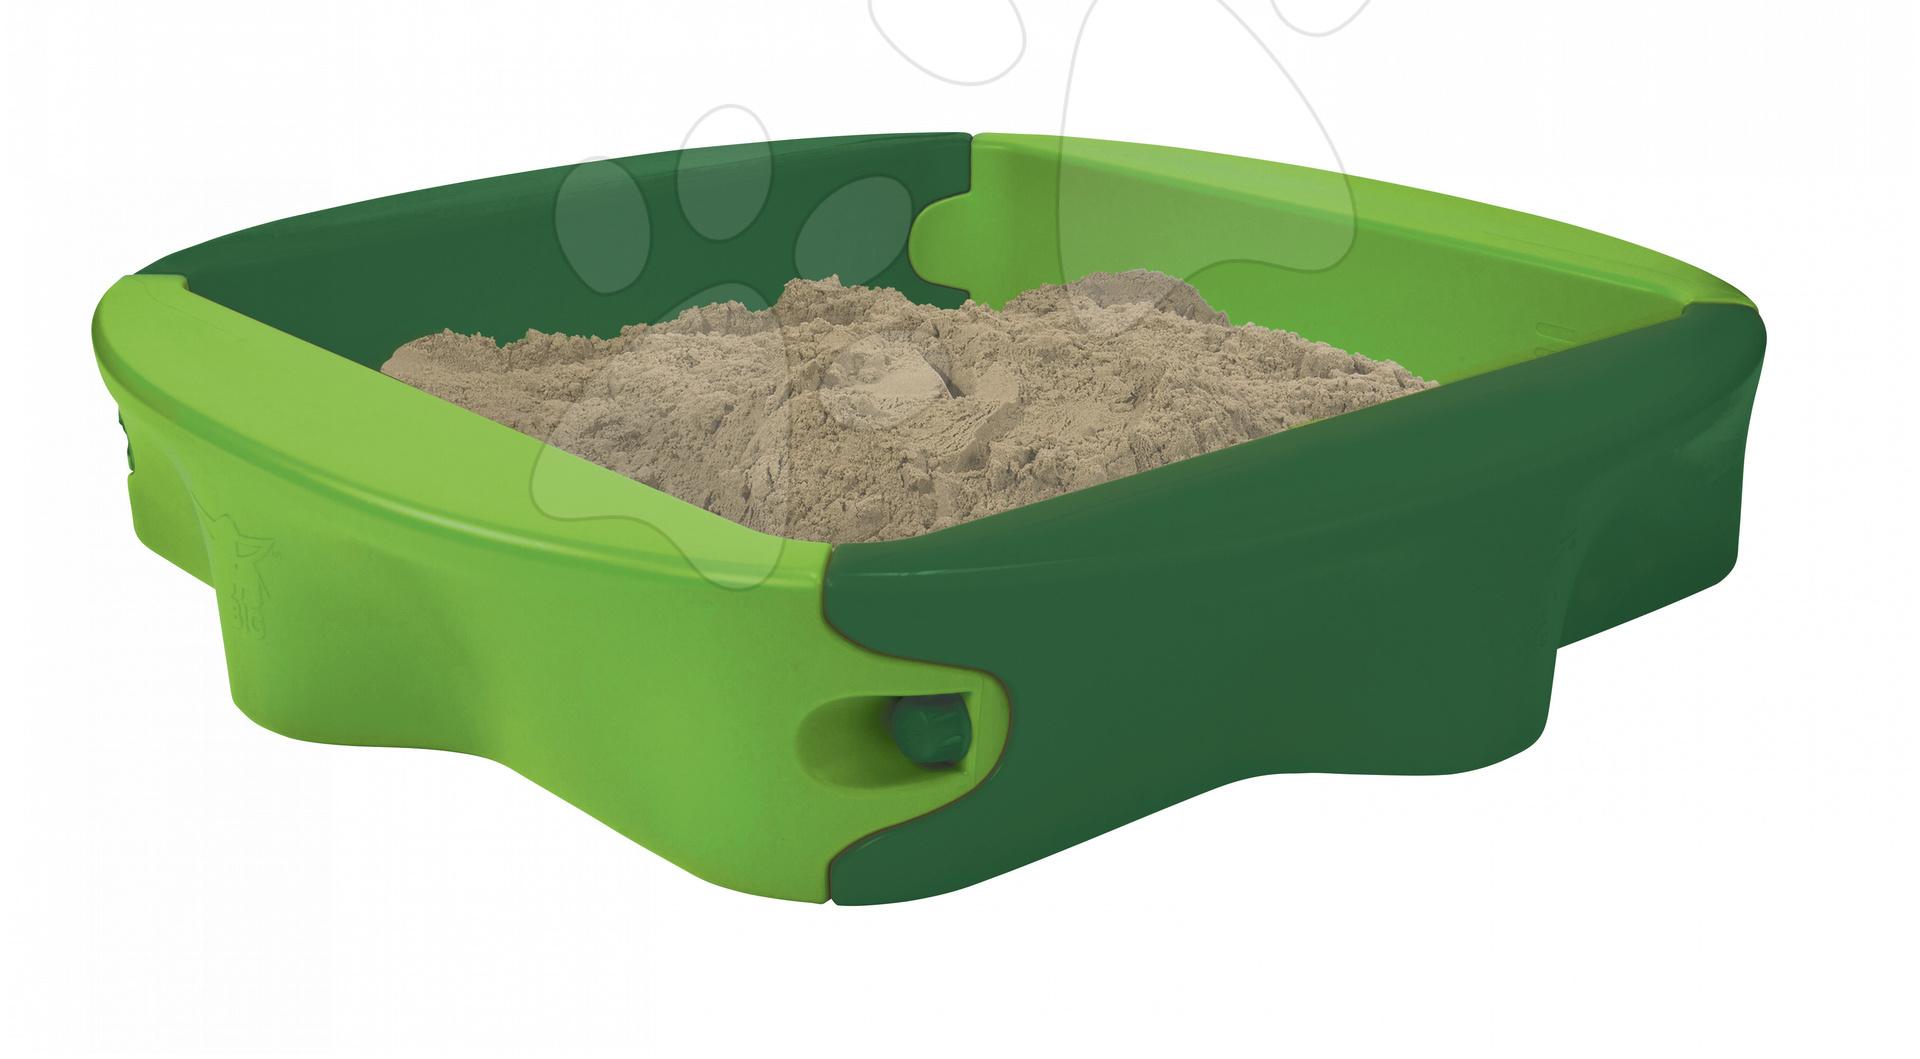 Pieskoviská pre deti - Pieskovisko Sandy BIG zelené od 12 mes